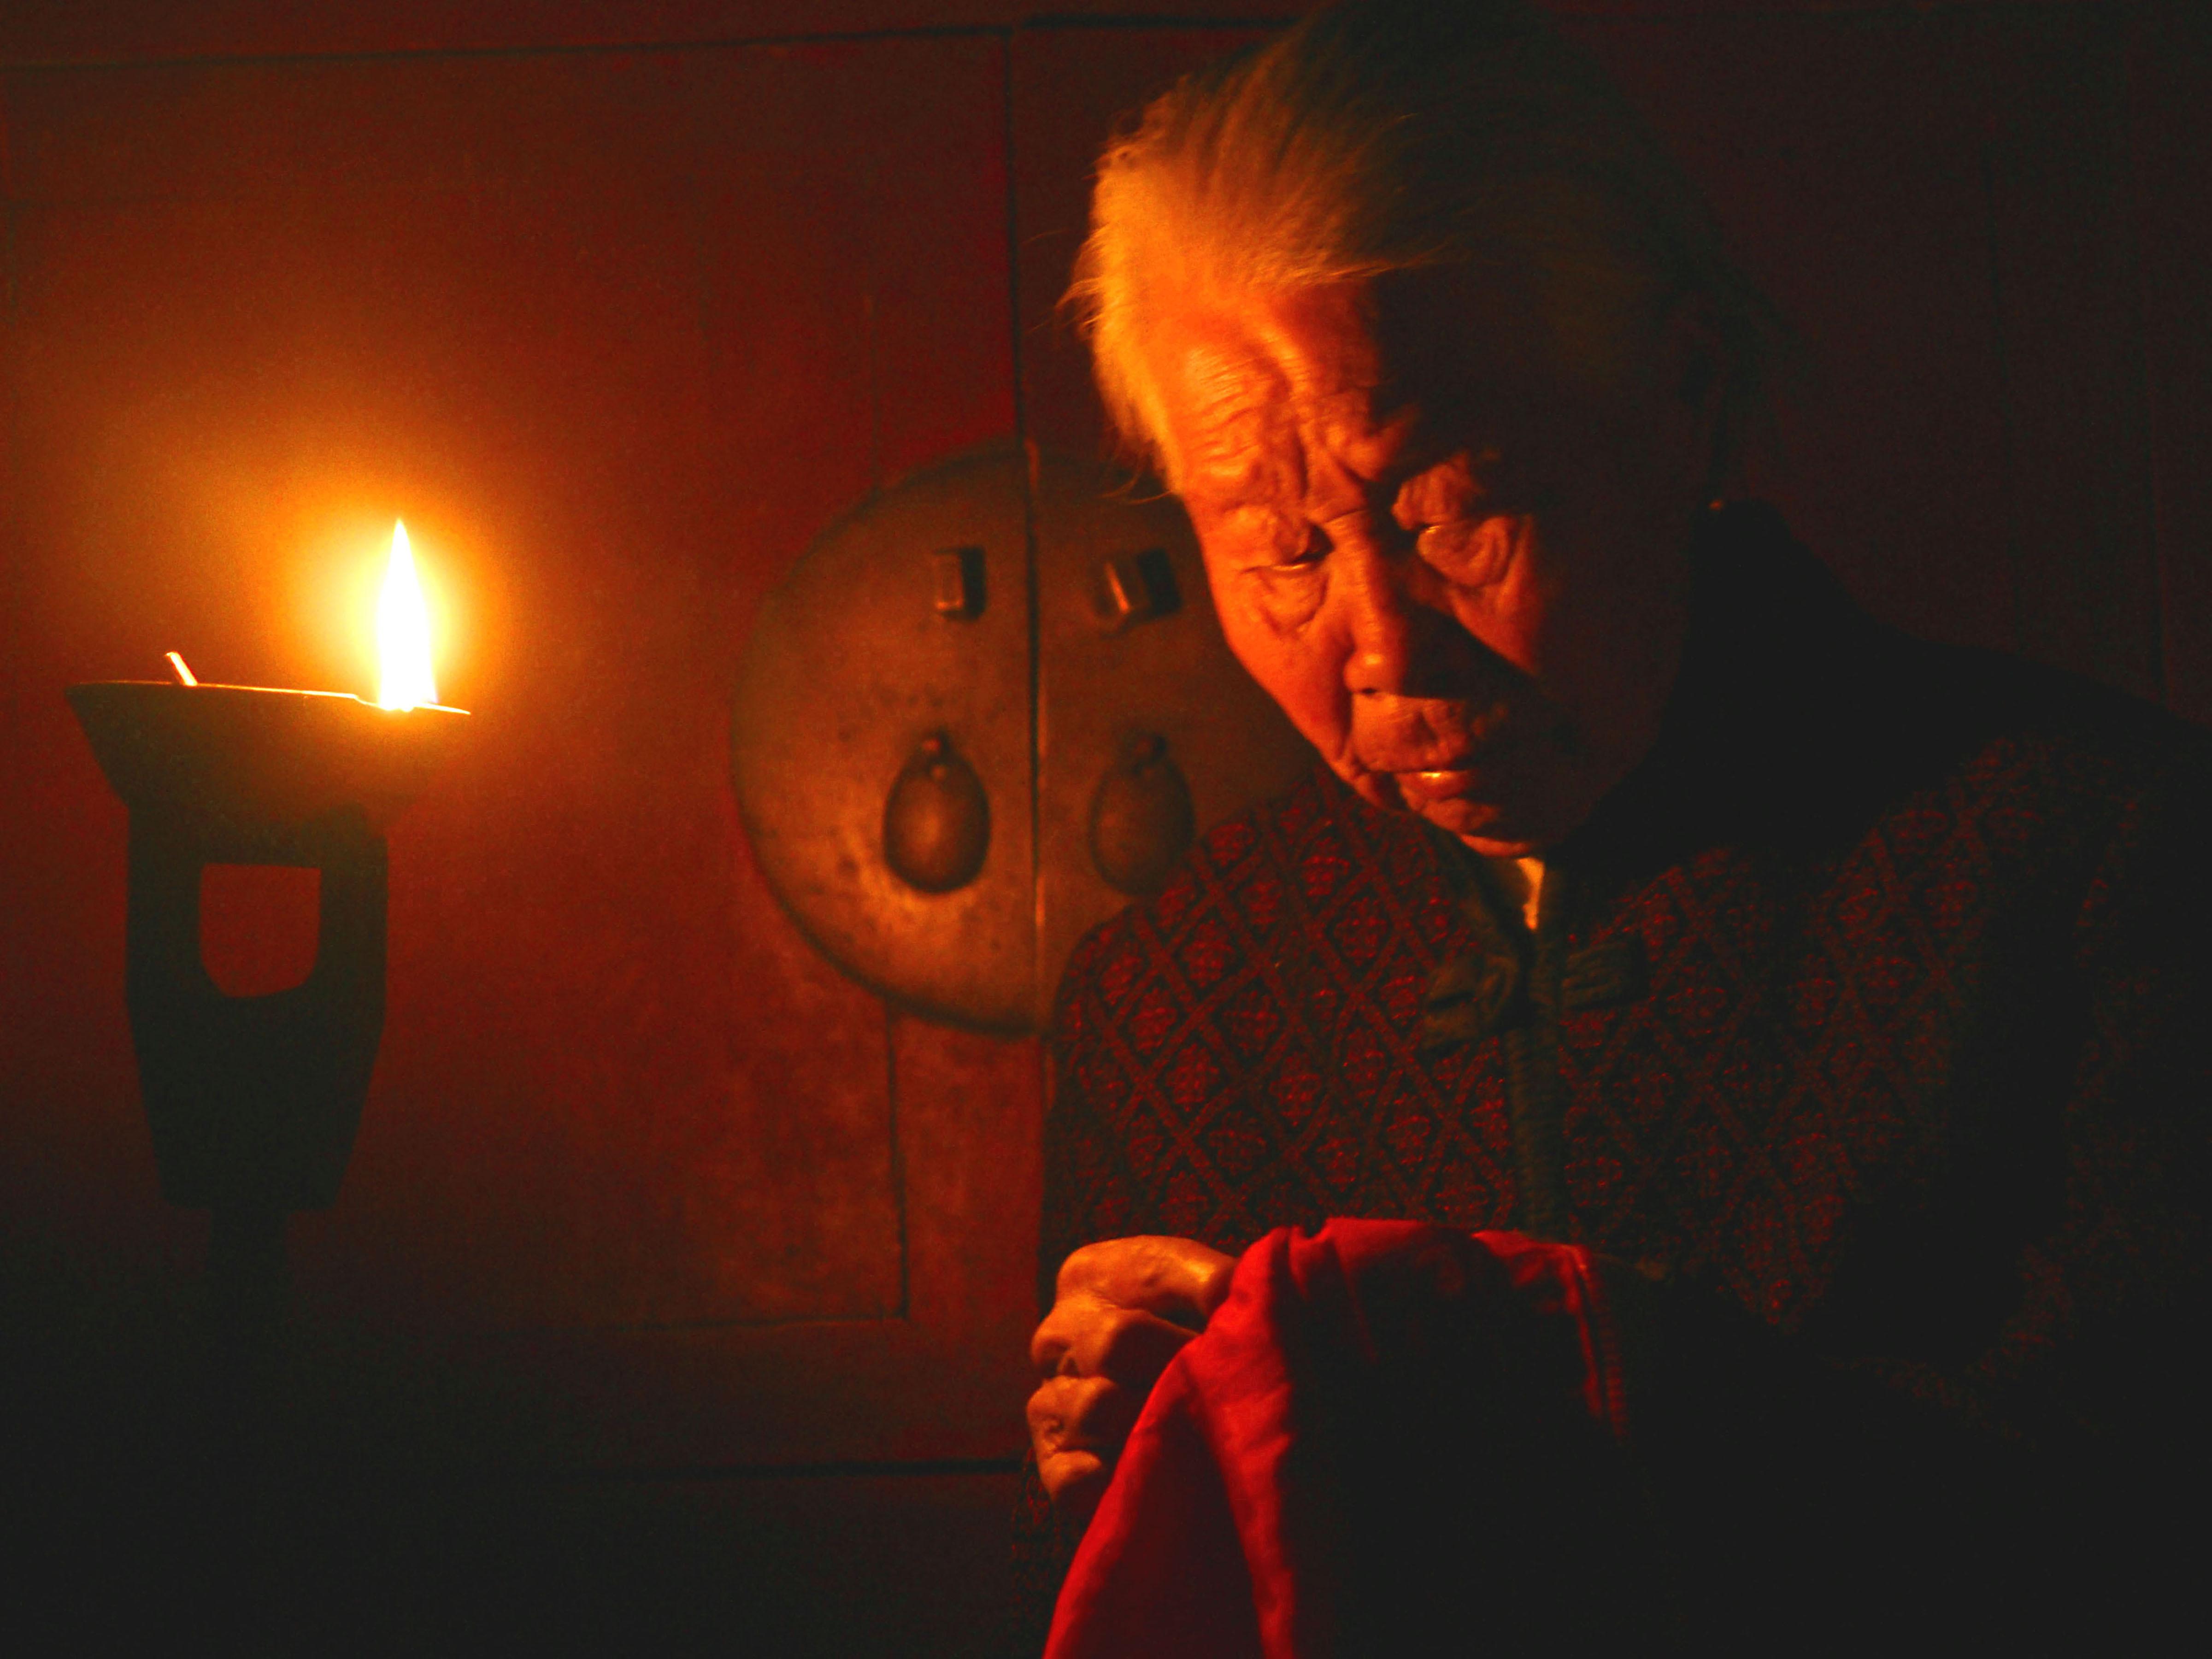 灯文化:本意举火驱鬼,寓意丰富,照明了整个人类历史进程的长夜